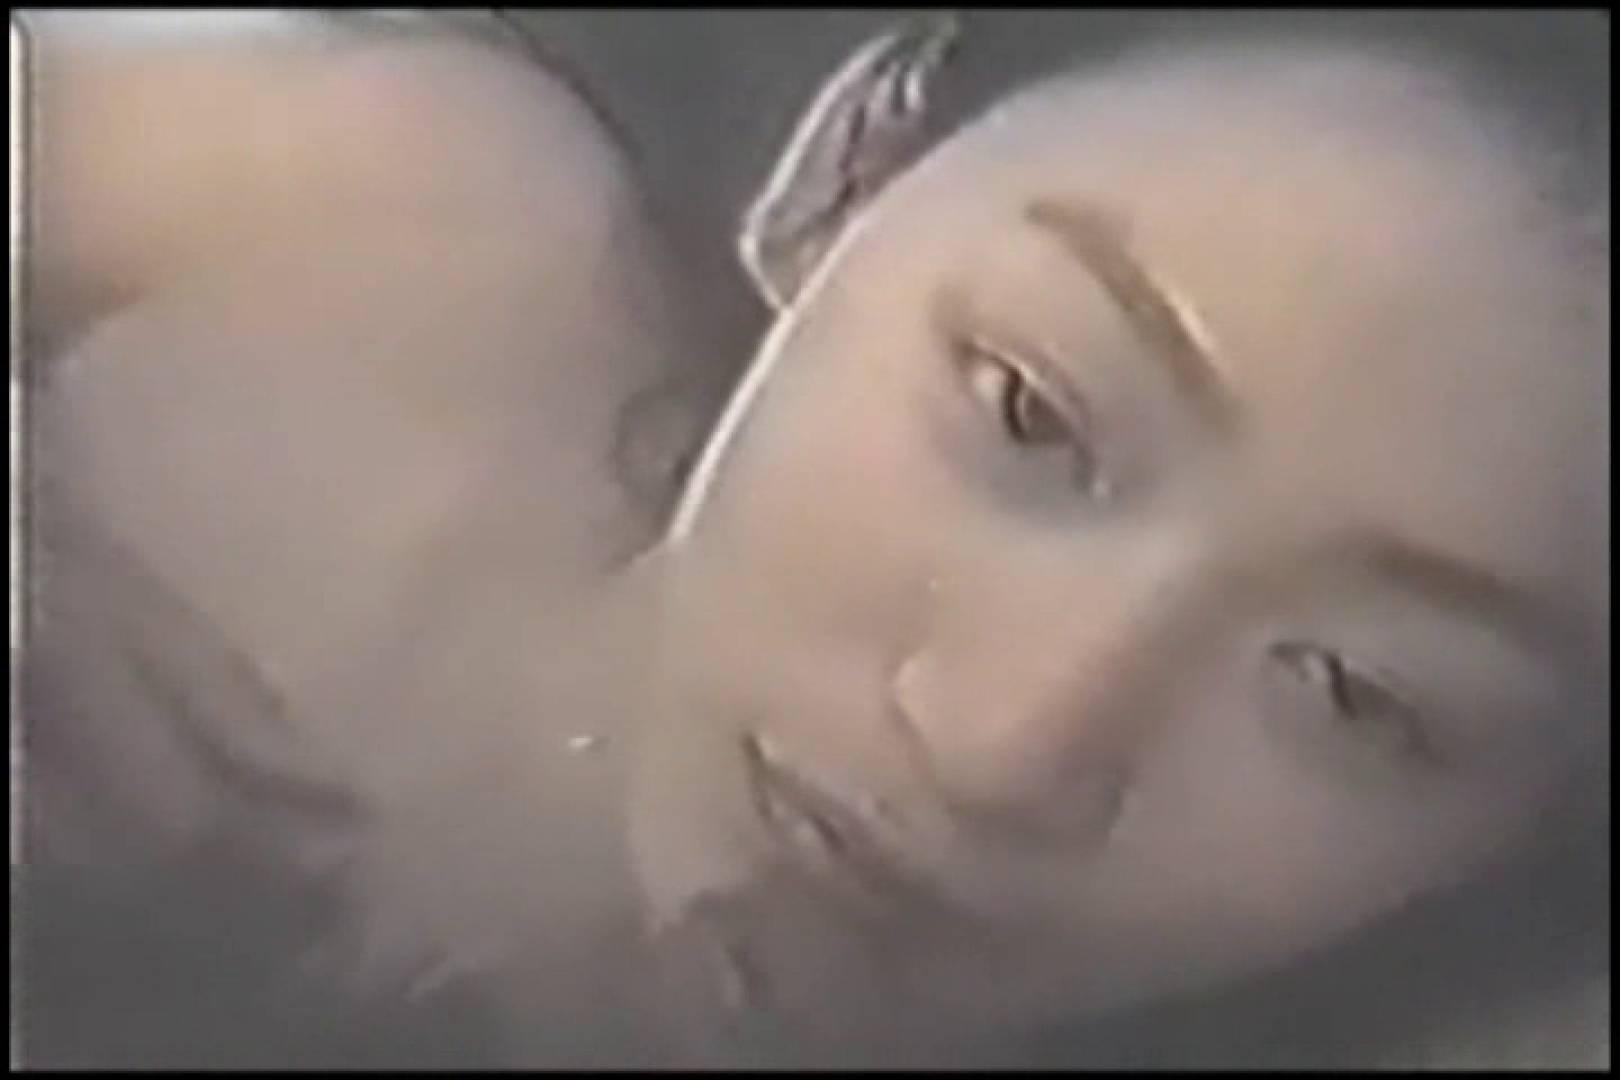 前後不覚に酔っている女を撮影する鬼畜親父 ホテル | 一般投稿  75画像 25